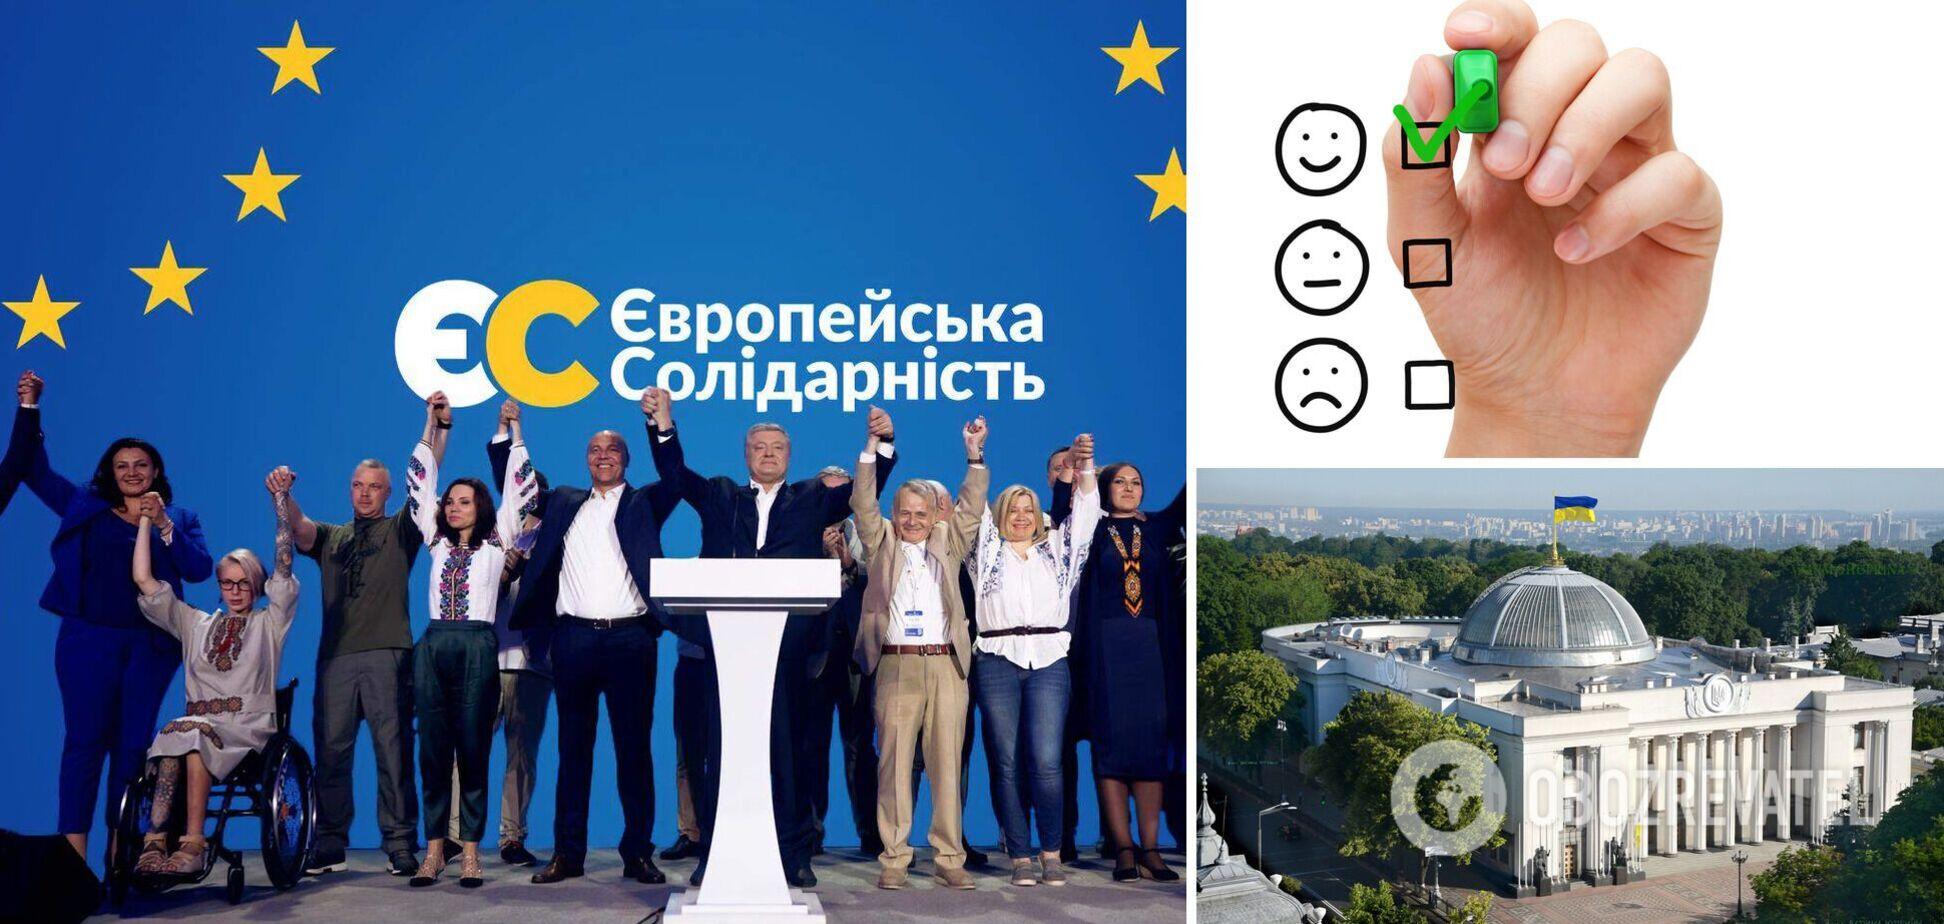 'ЕС' является главной оппозиционной силой в Украине